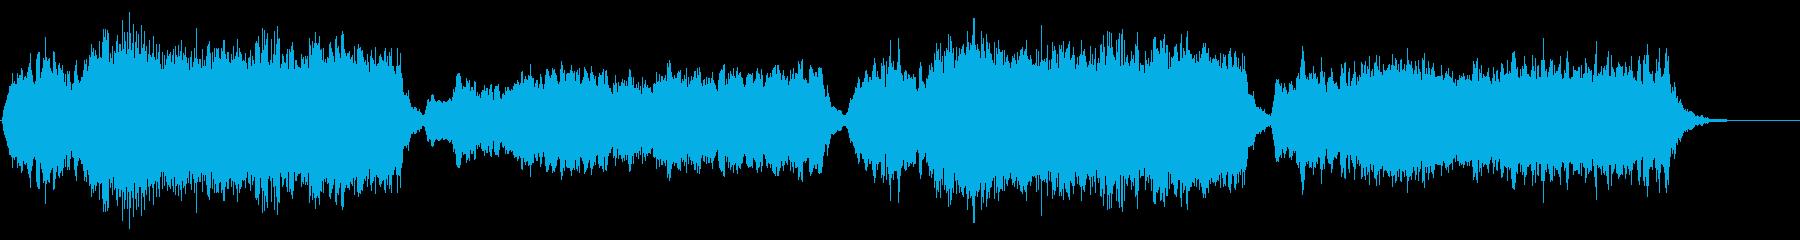 ツィゴイネルワイゼンの再生済みの波形